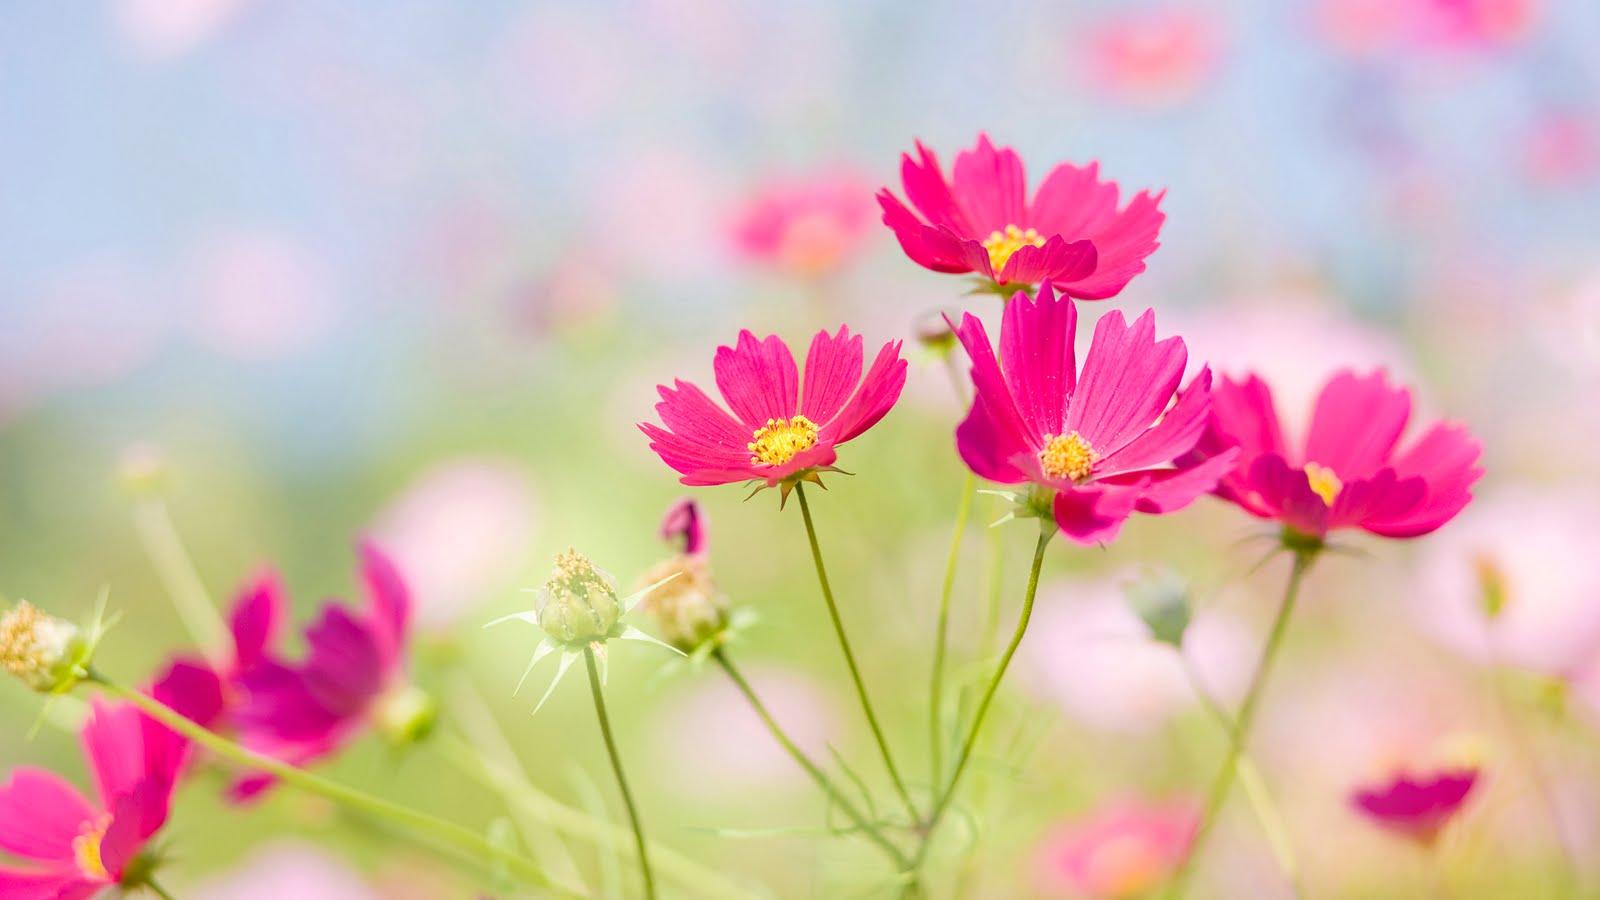 fotos de jardines con flores Plantas facilisimo com - Imagenes De Flores Y Jardines